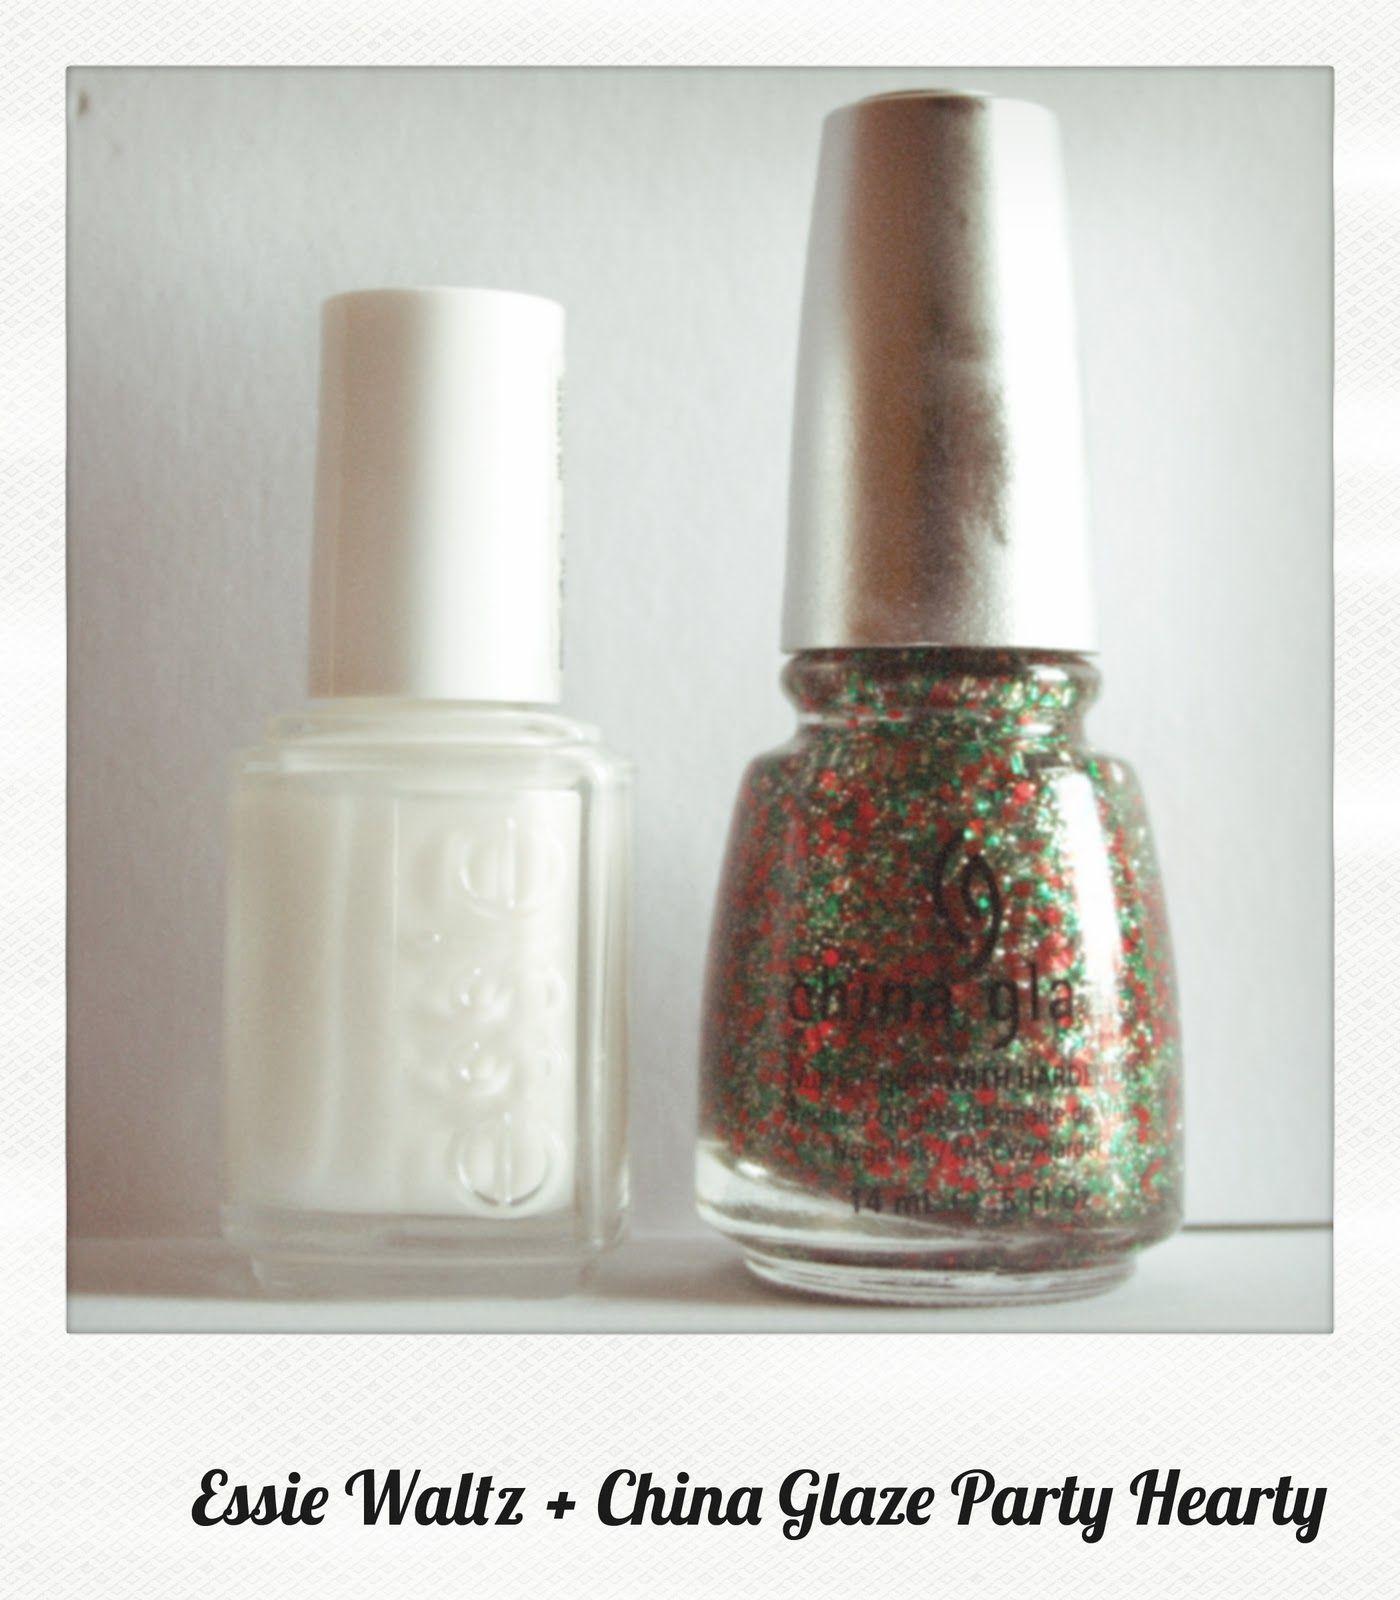 Essie Waltz + China Glaze Party Hearty : paillettes + Noël + dégradé ...